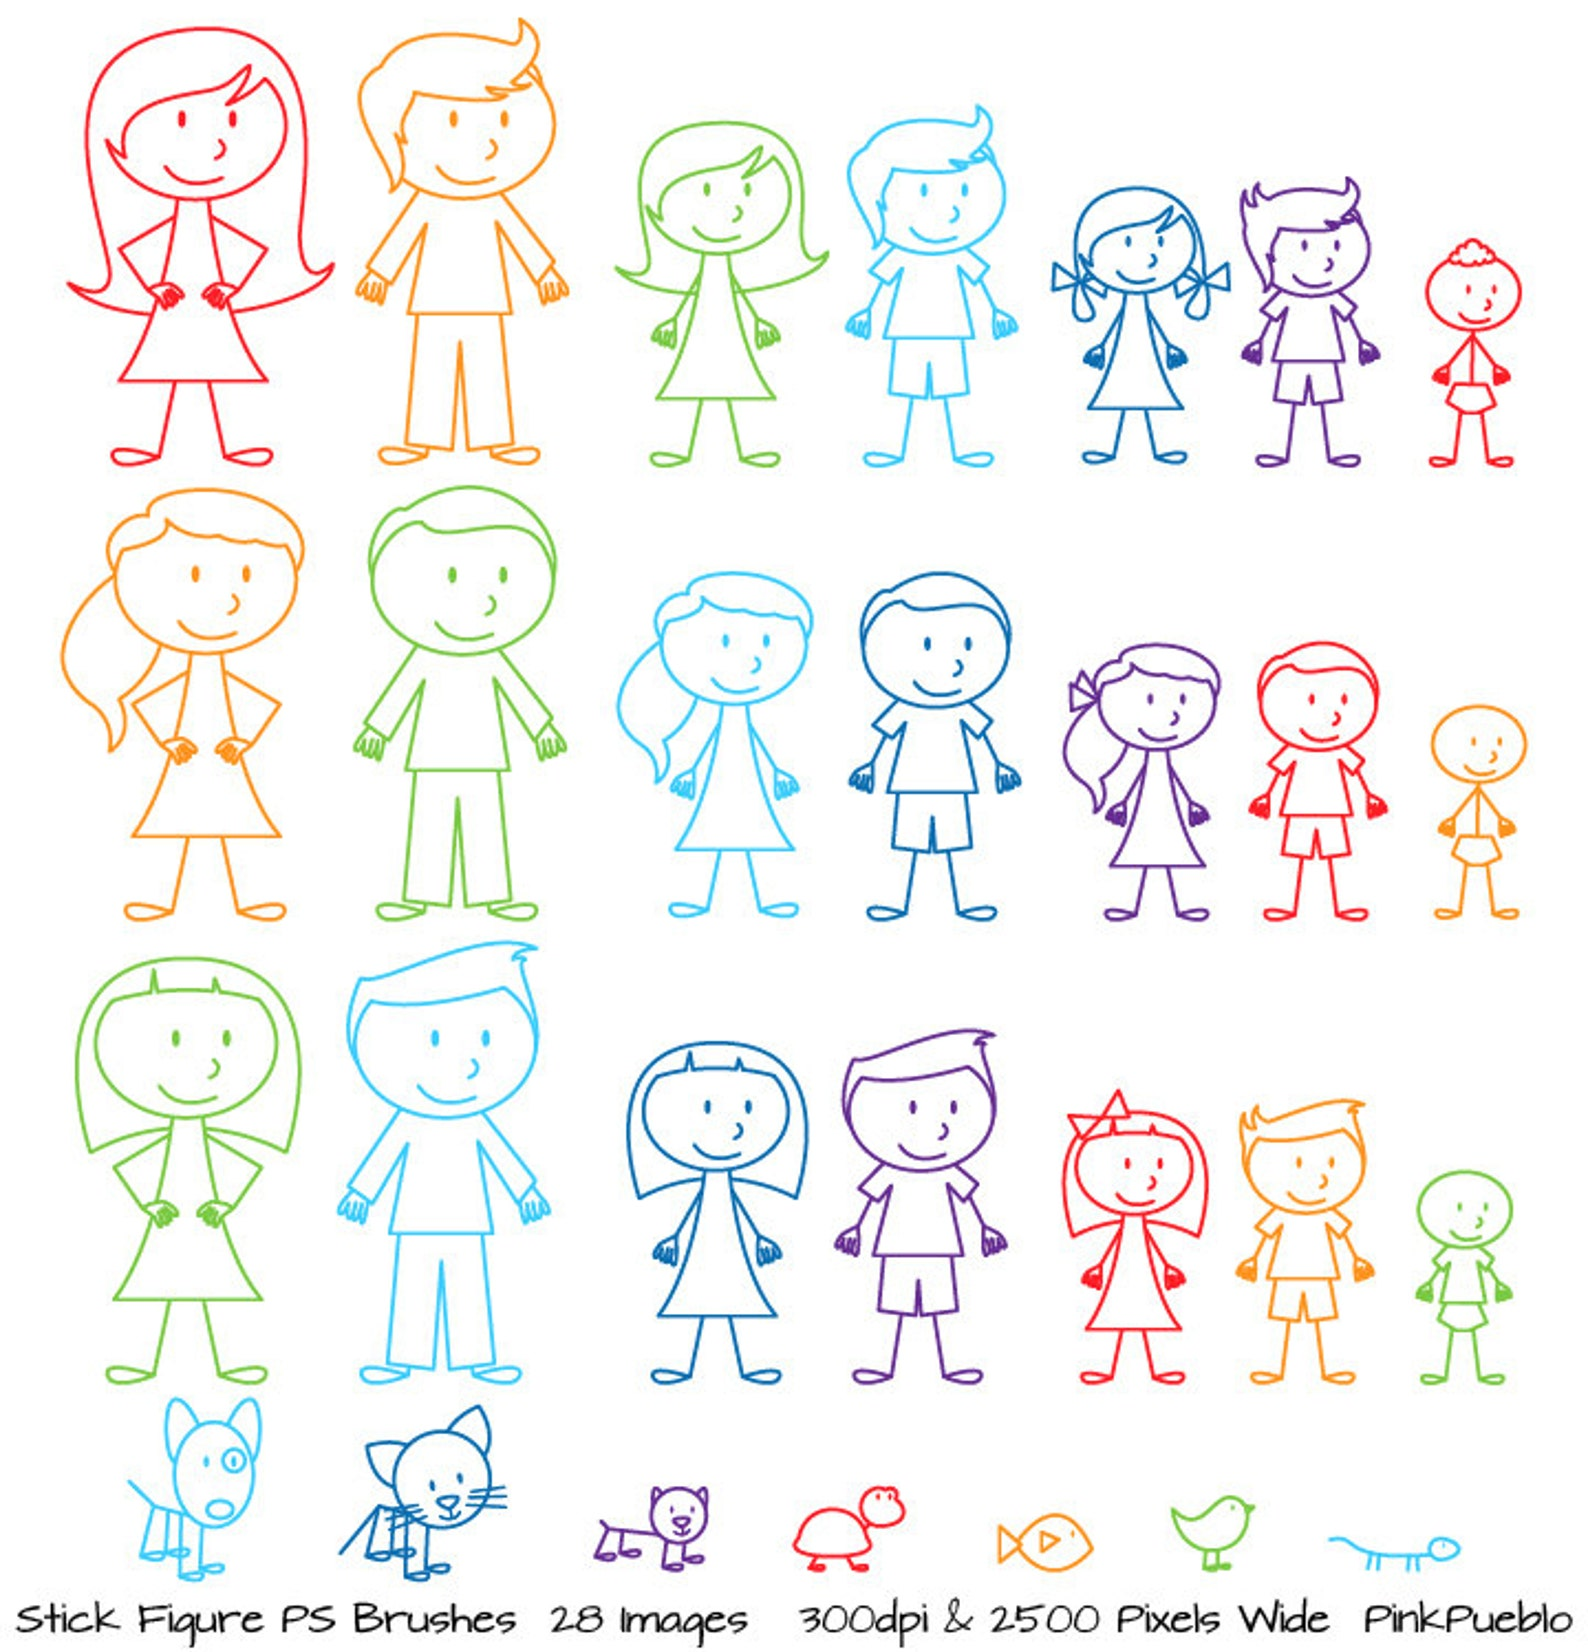 Для, смешные человечки картинки нарисованные карандашом для детей